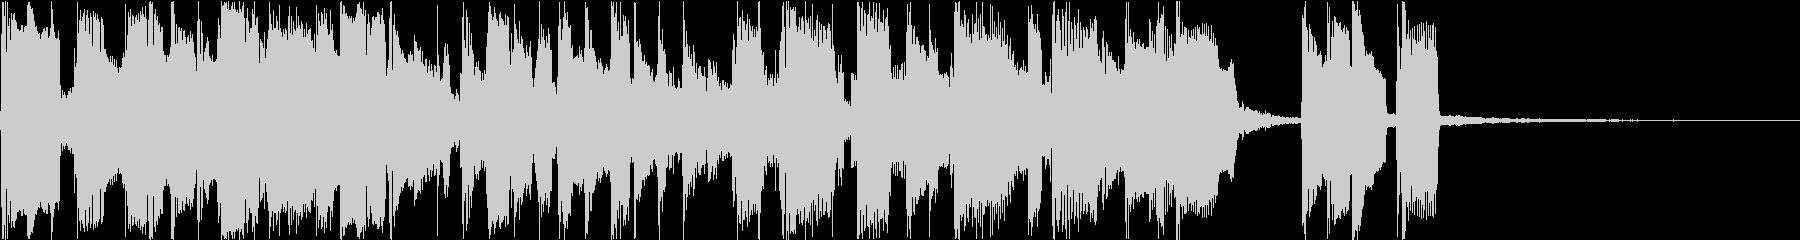 ボサノバ風BGMの未再生の波形